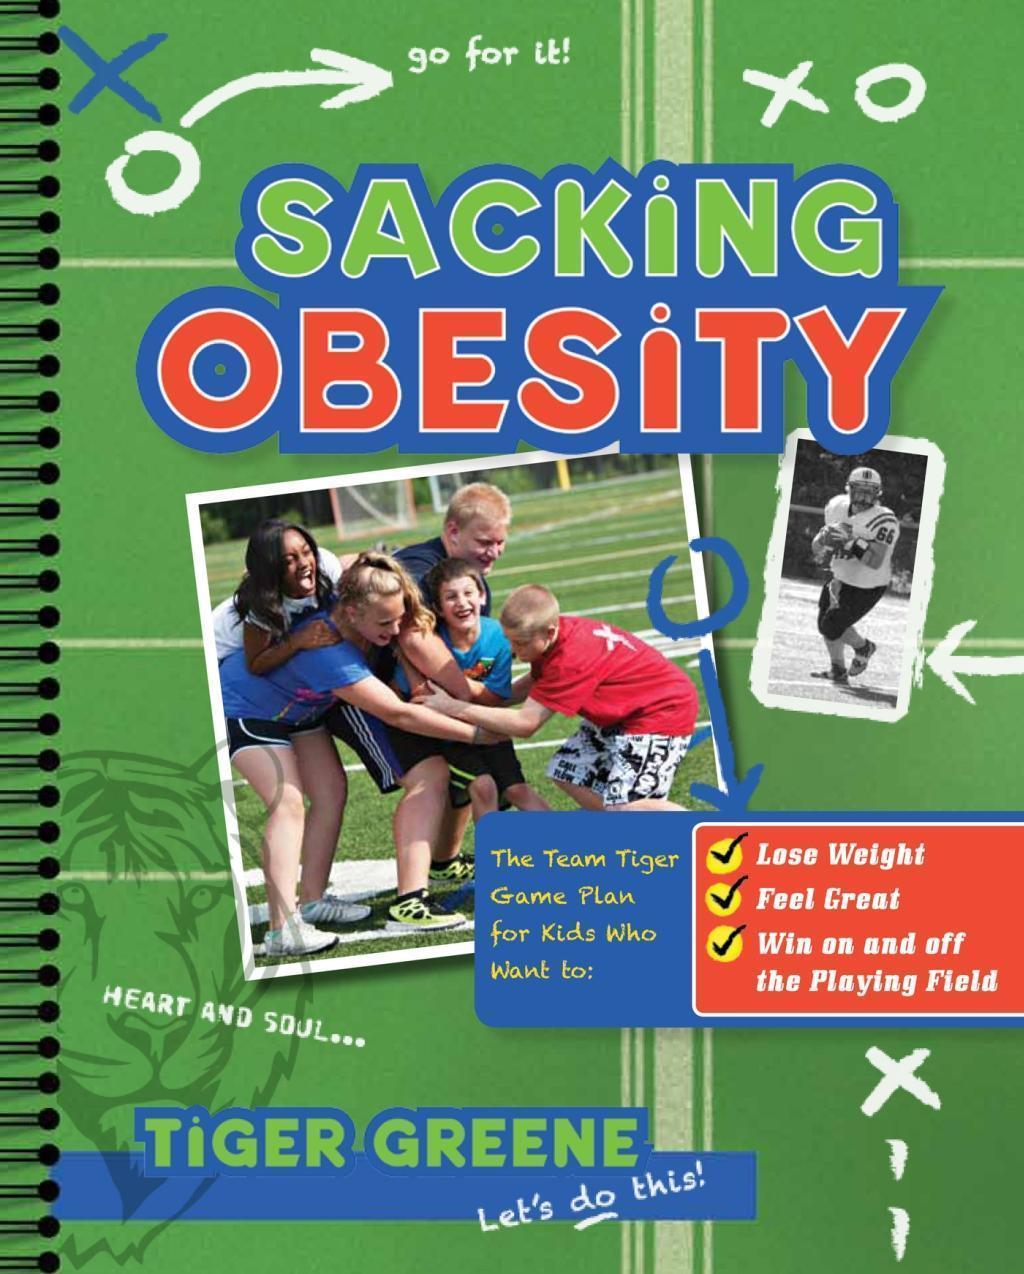 Sacking Obesity